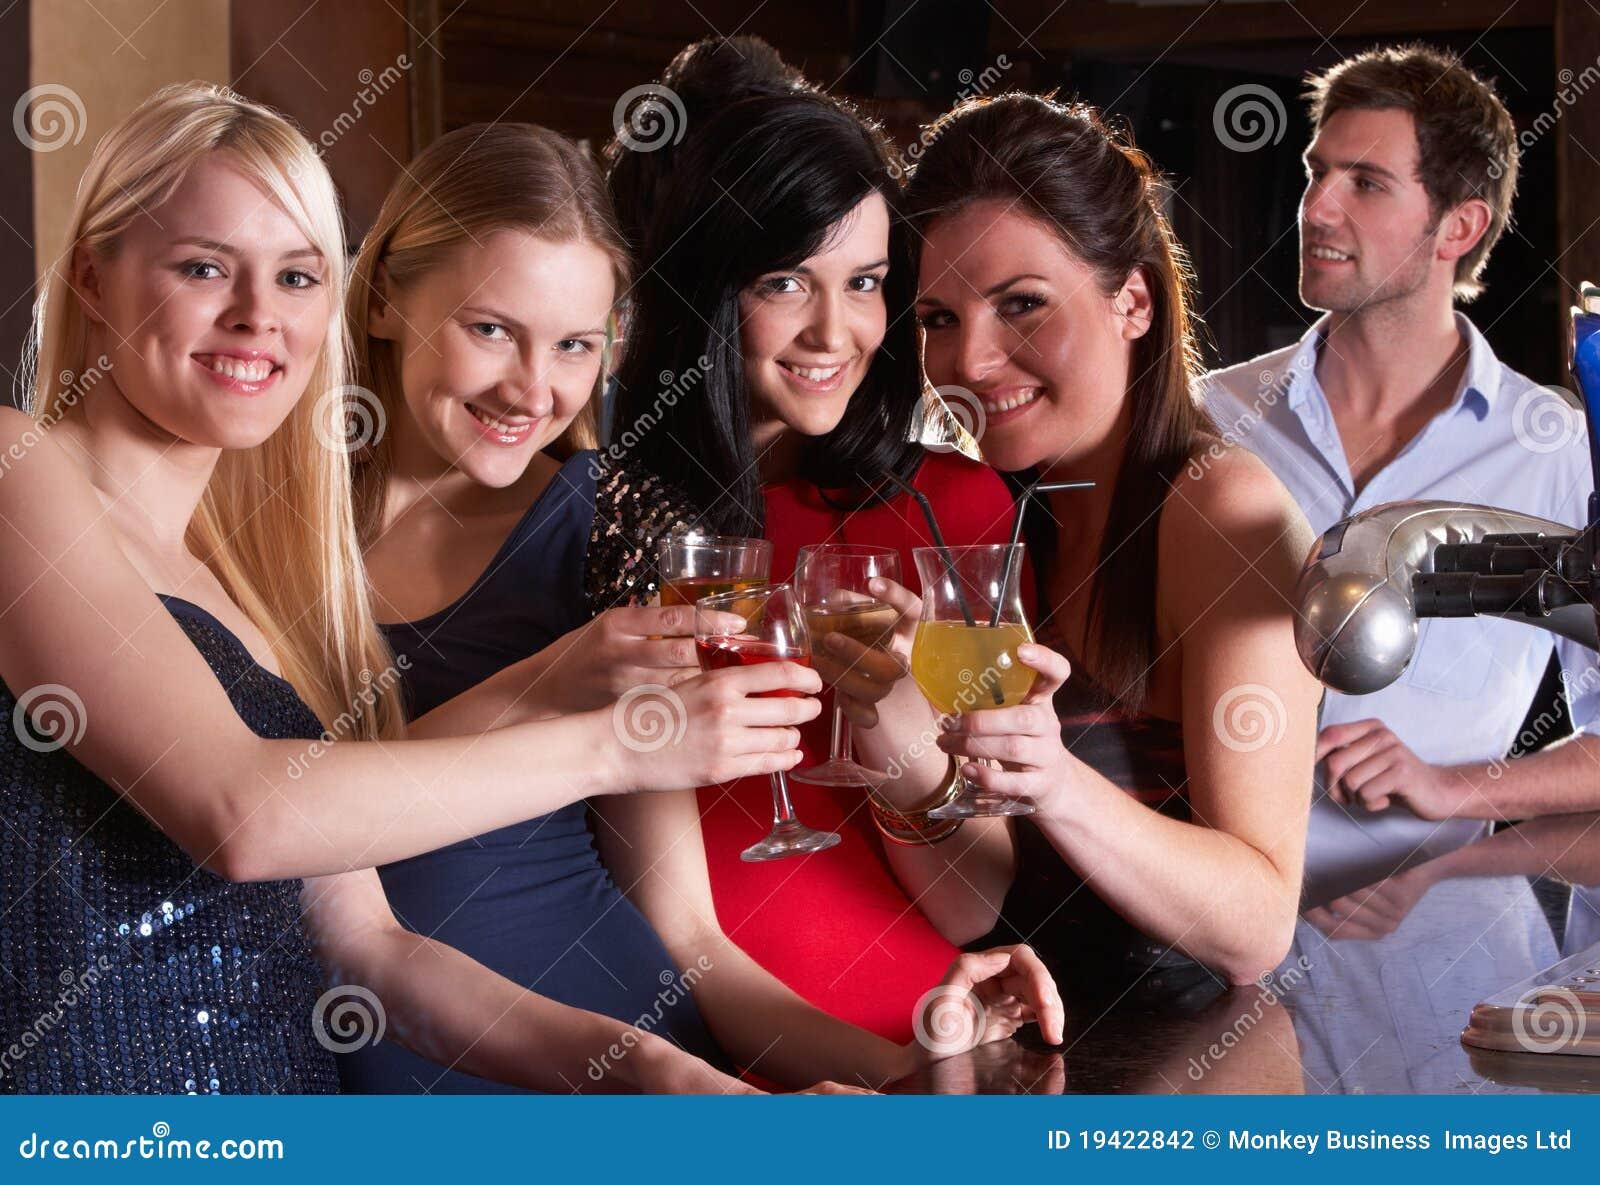 Фото с выпивающими подругами 3 фотография